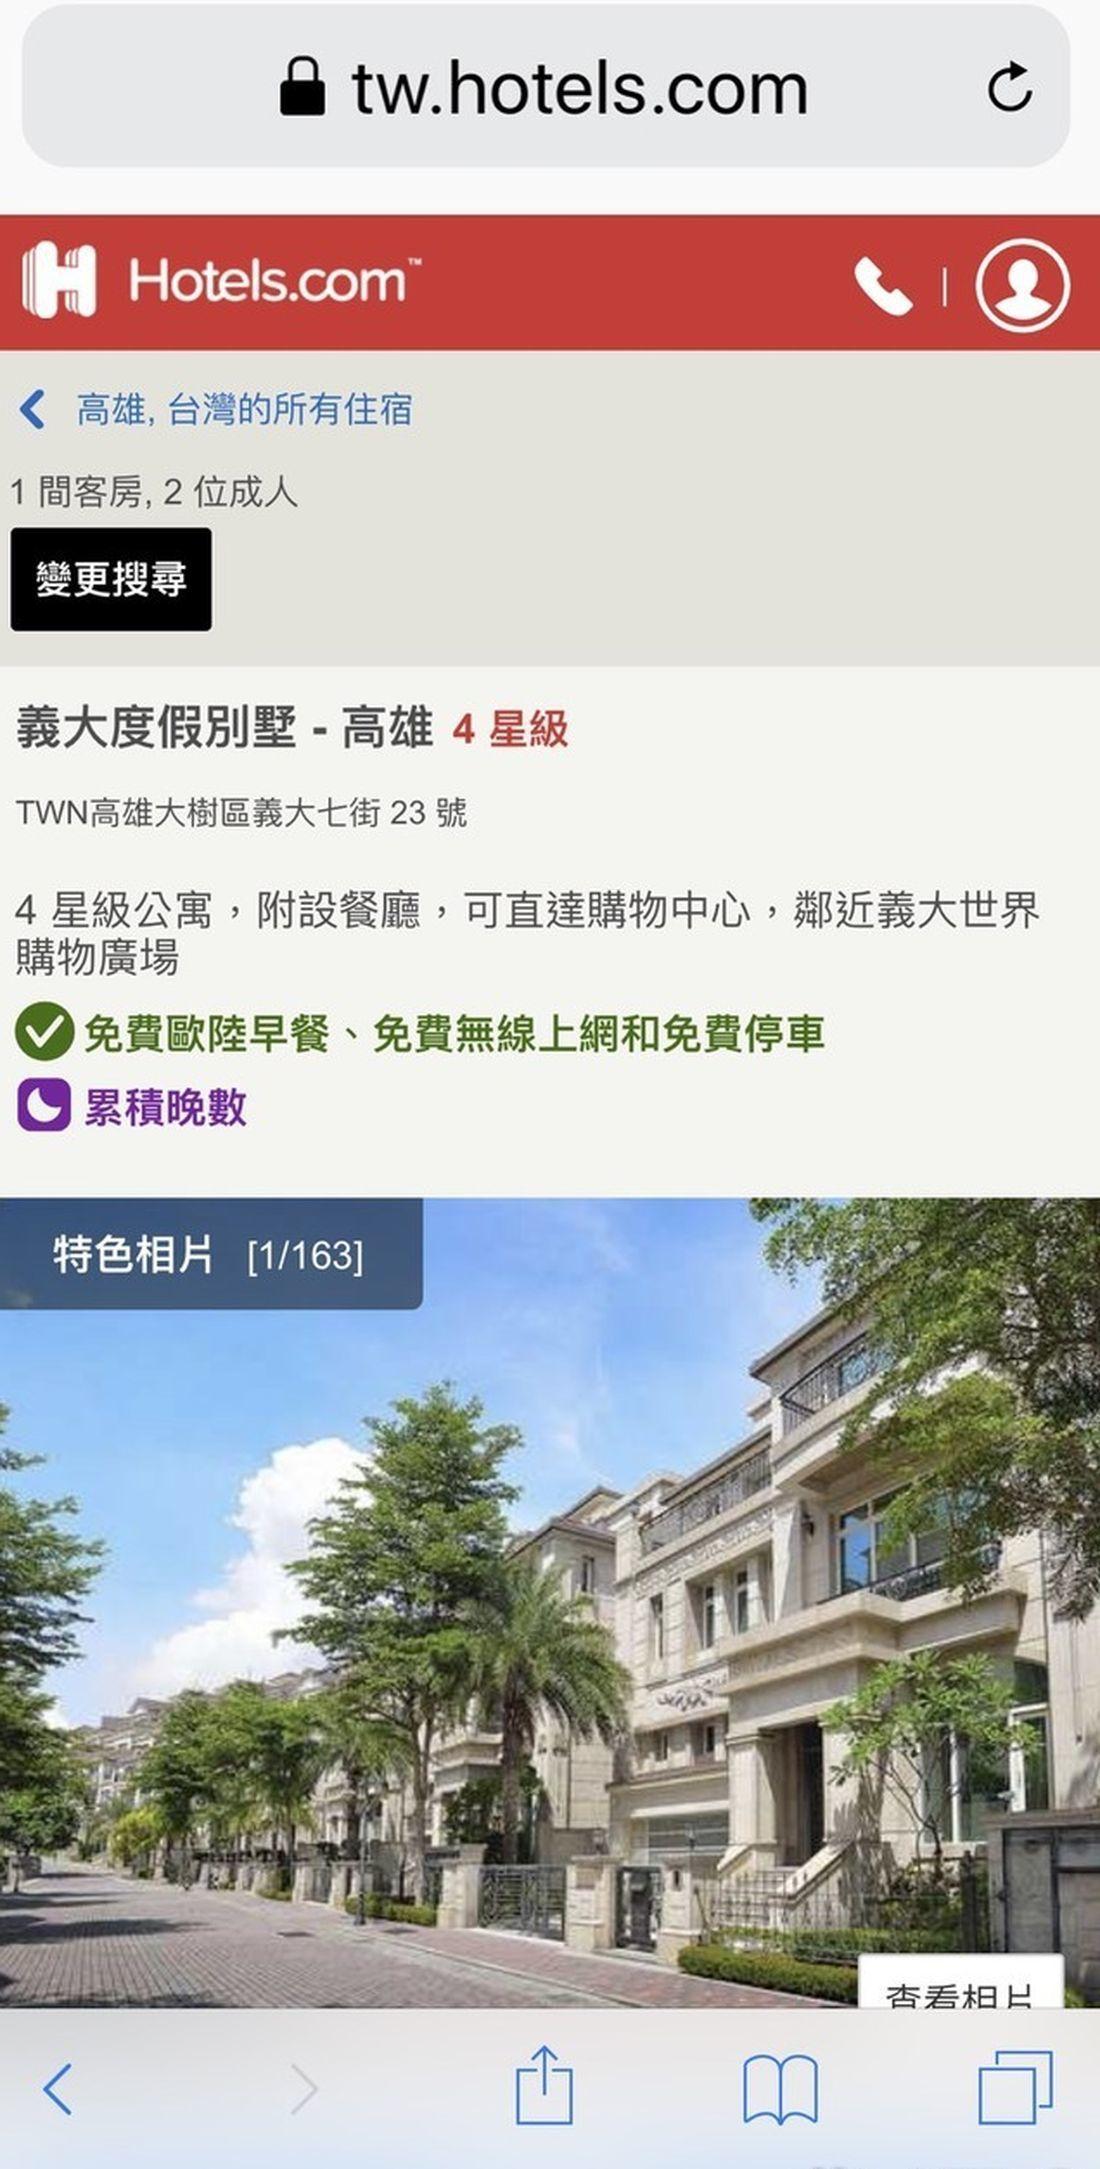 在旅宿網站上, 還有義大別墅租宿的訊息。記者王昭月/翻攝